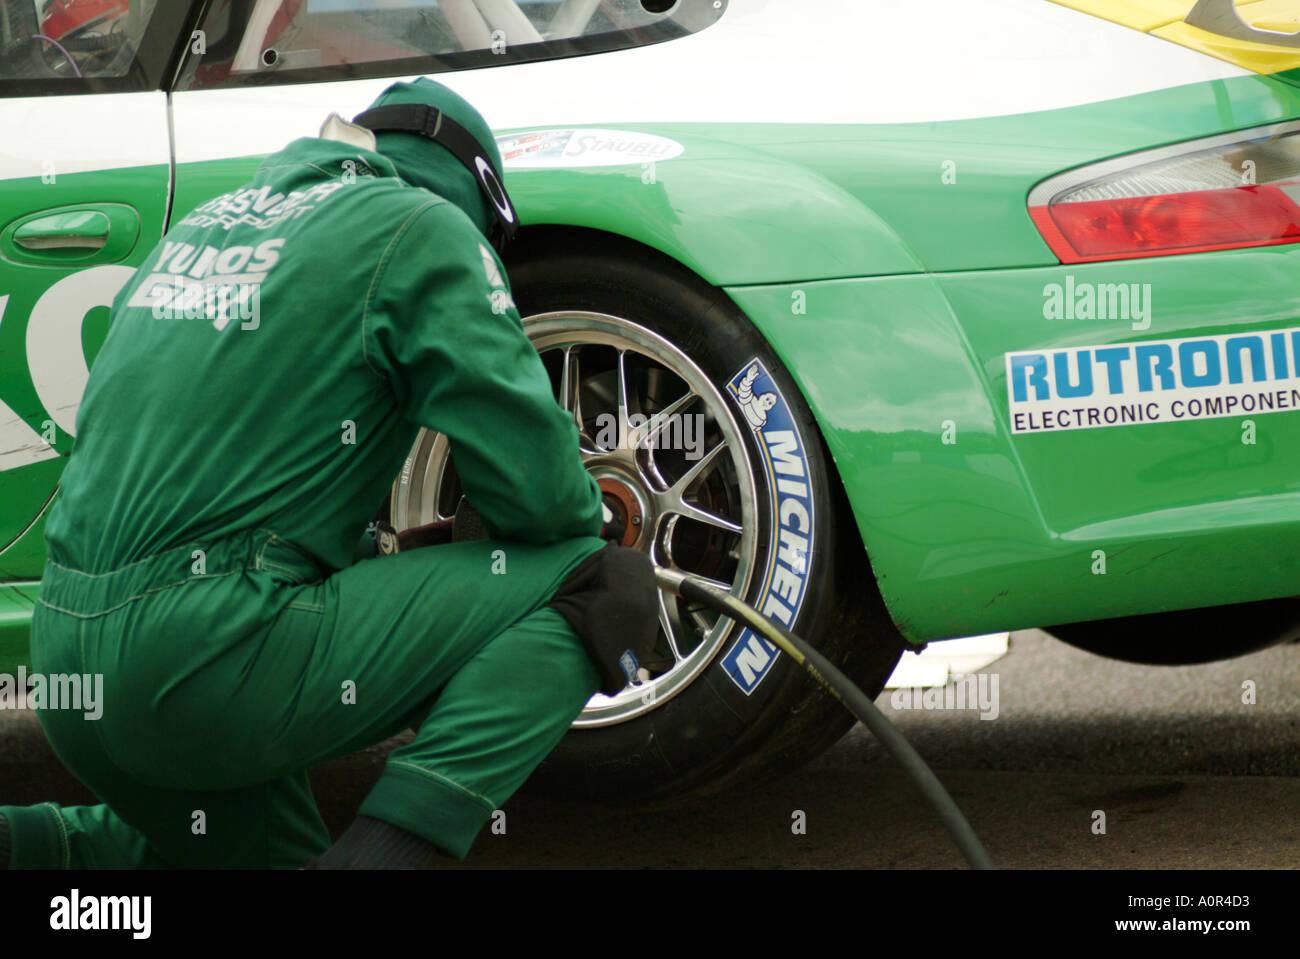 Racing car race tyre change stock photos & racing car race tyre ...